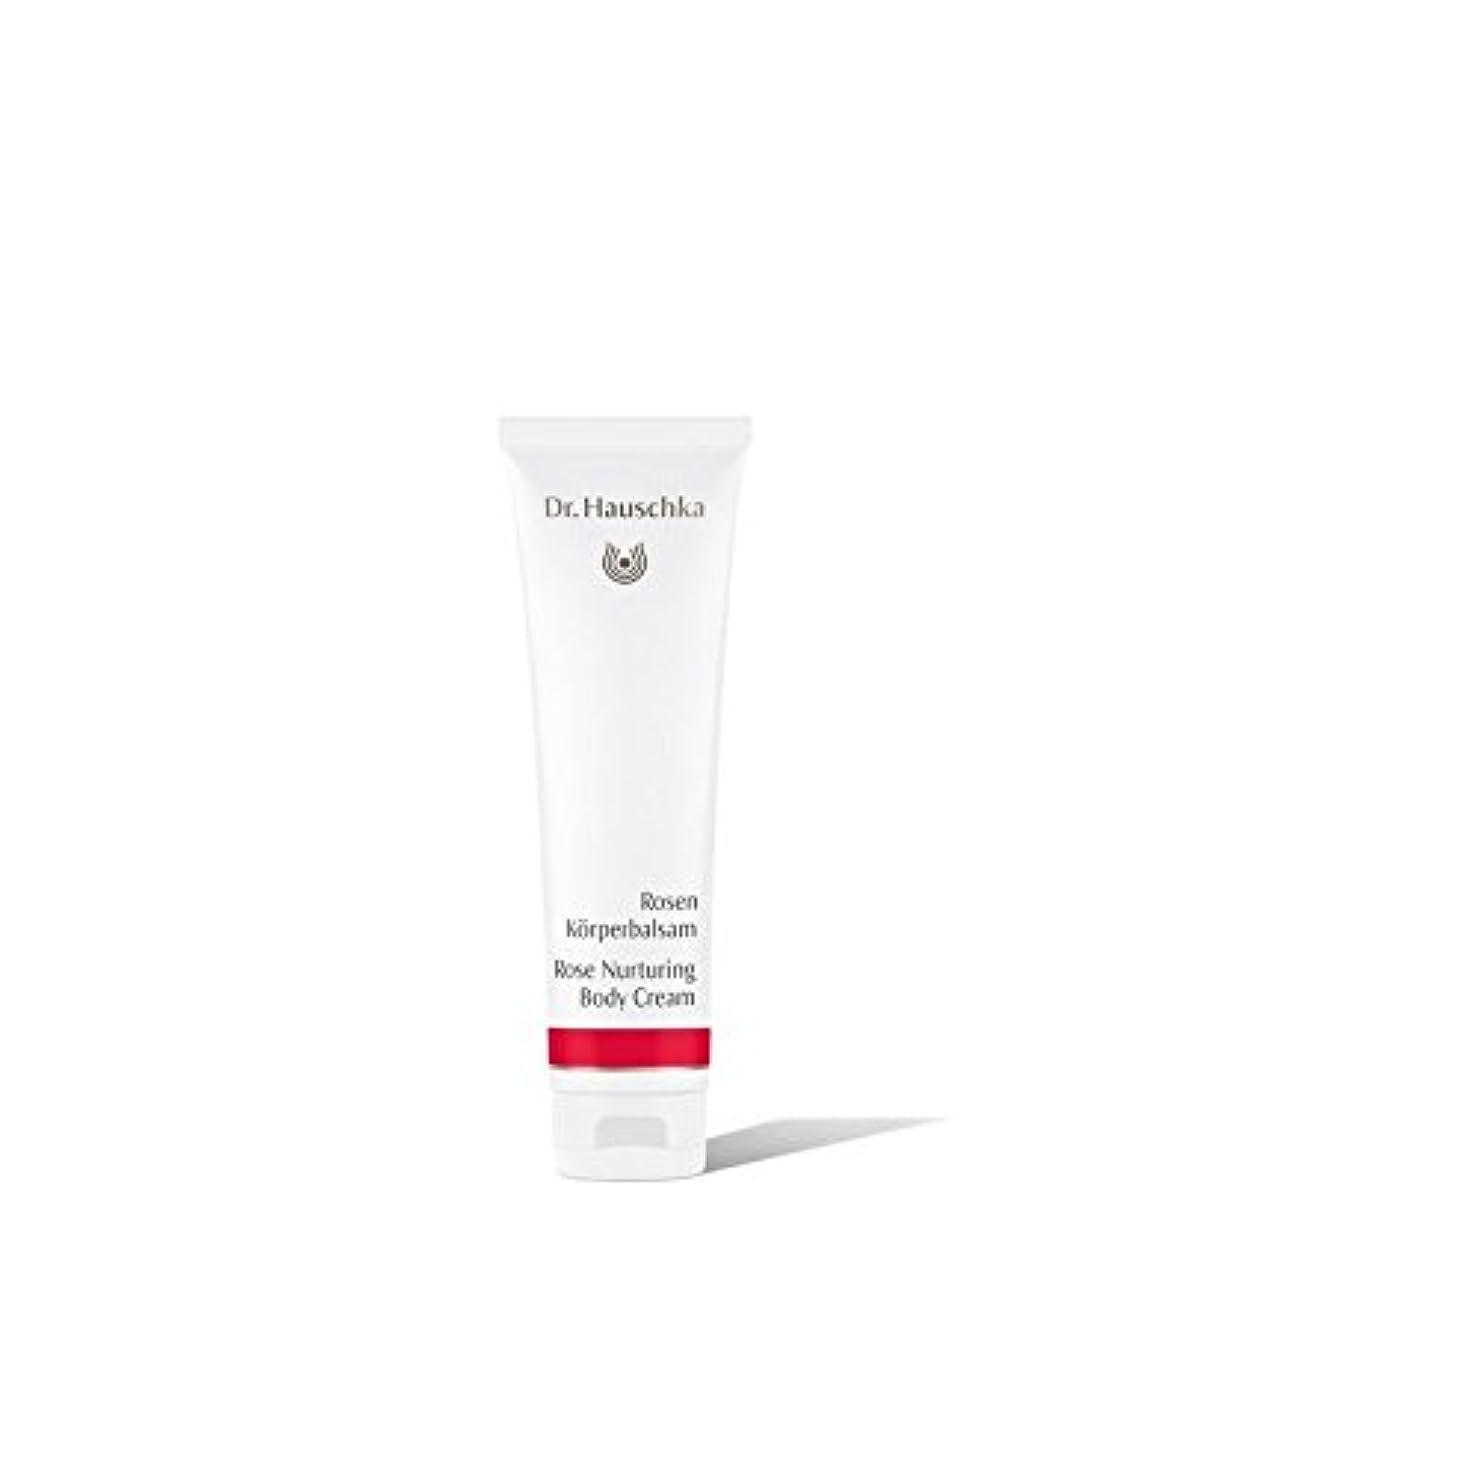 不適切な活性化出席するハウシュカは、ボディクリーム(145ミリリットル)を育成バラ x2 - Dr. Hauschka Rose Nurturing Body Cream (145ml) (Pack of 2) [並行輸入品]